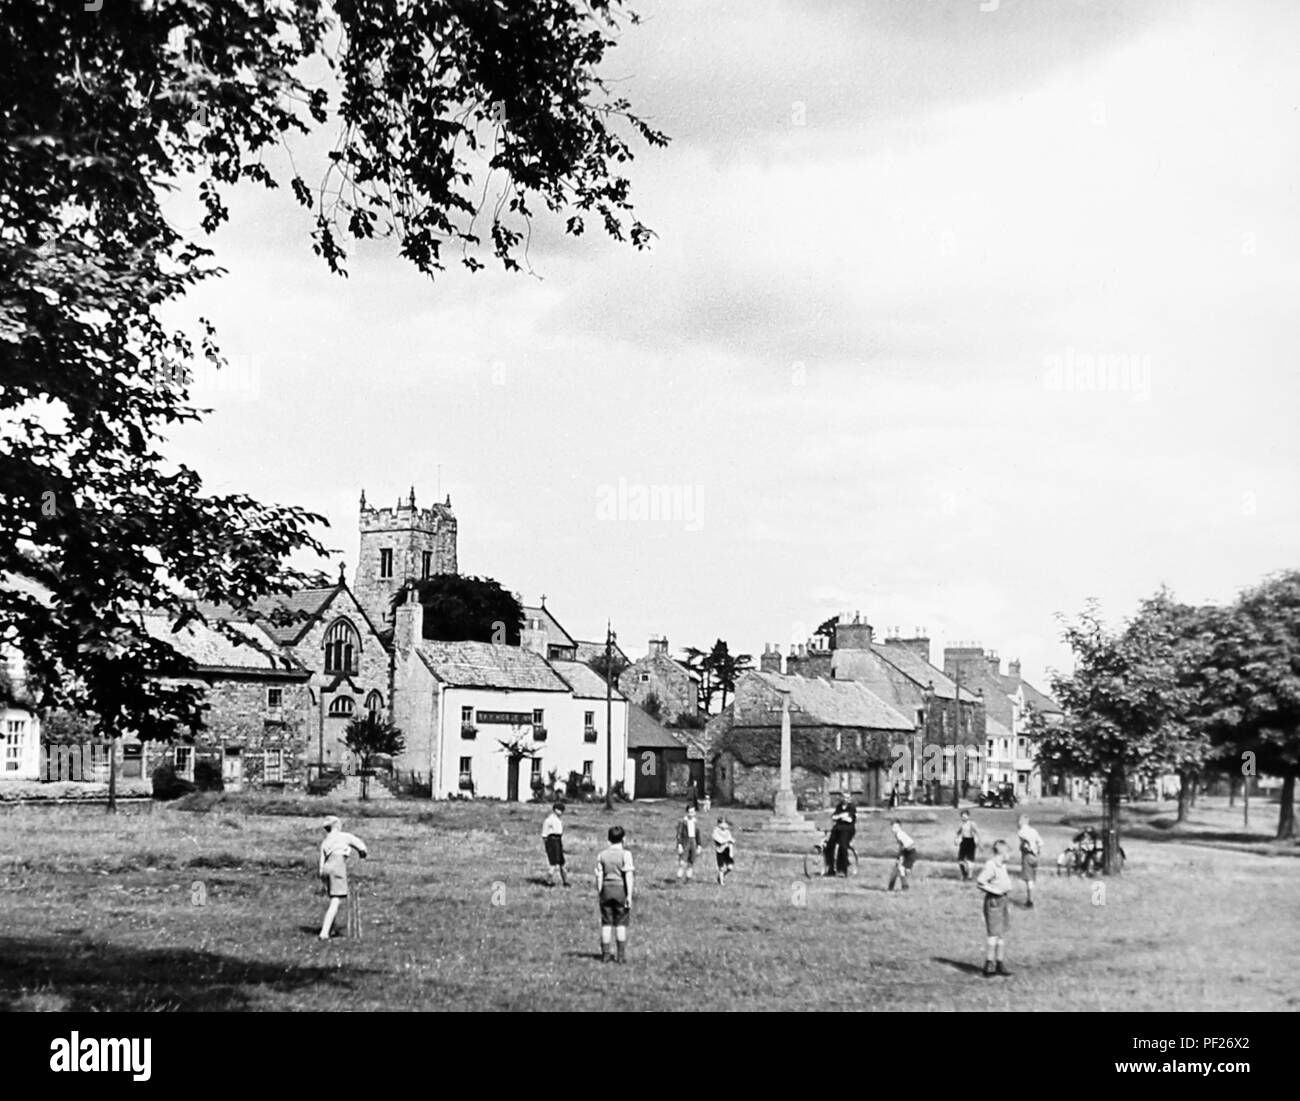 Les enfants jouer au cricket, Catterick, dans les années 1930 Photo Stock